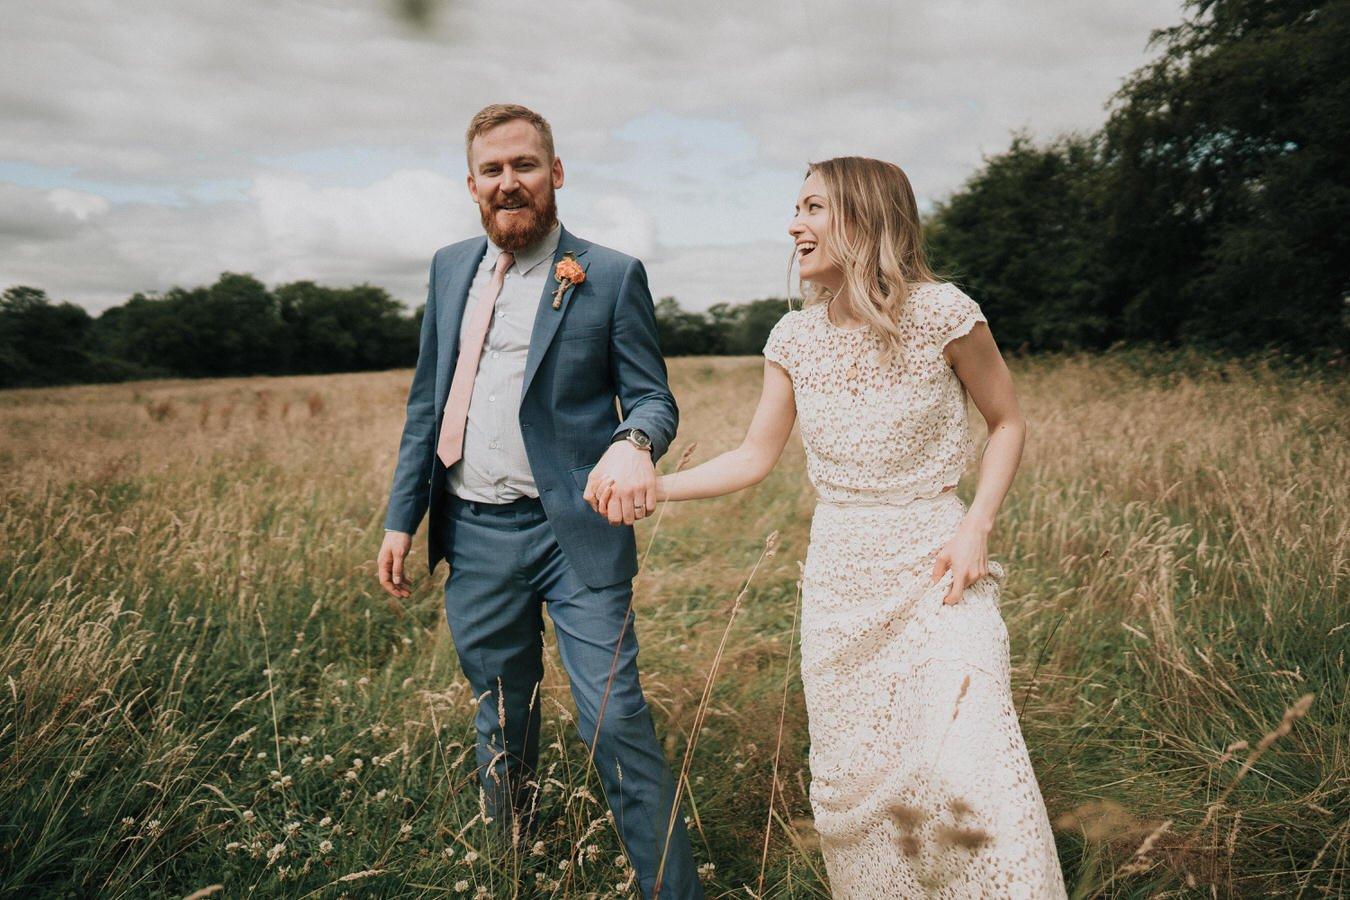 The-Station-House-wedding-Dublin-photographer- 0115 113